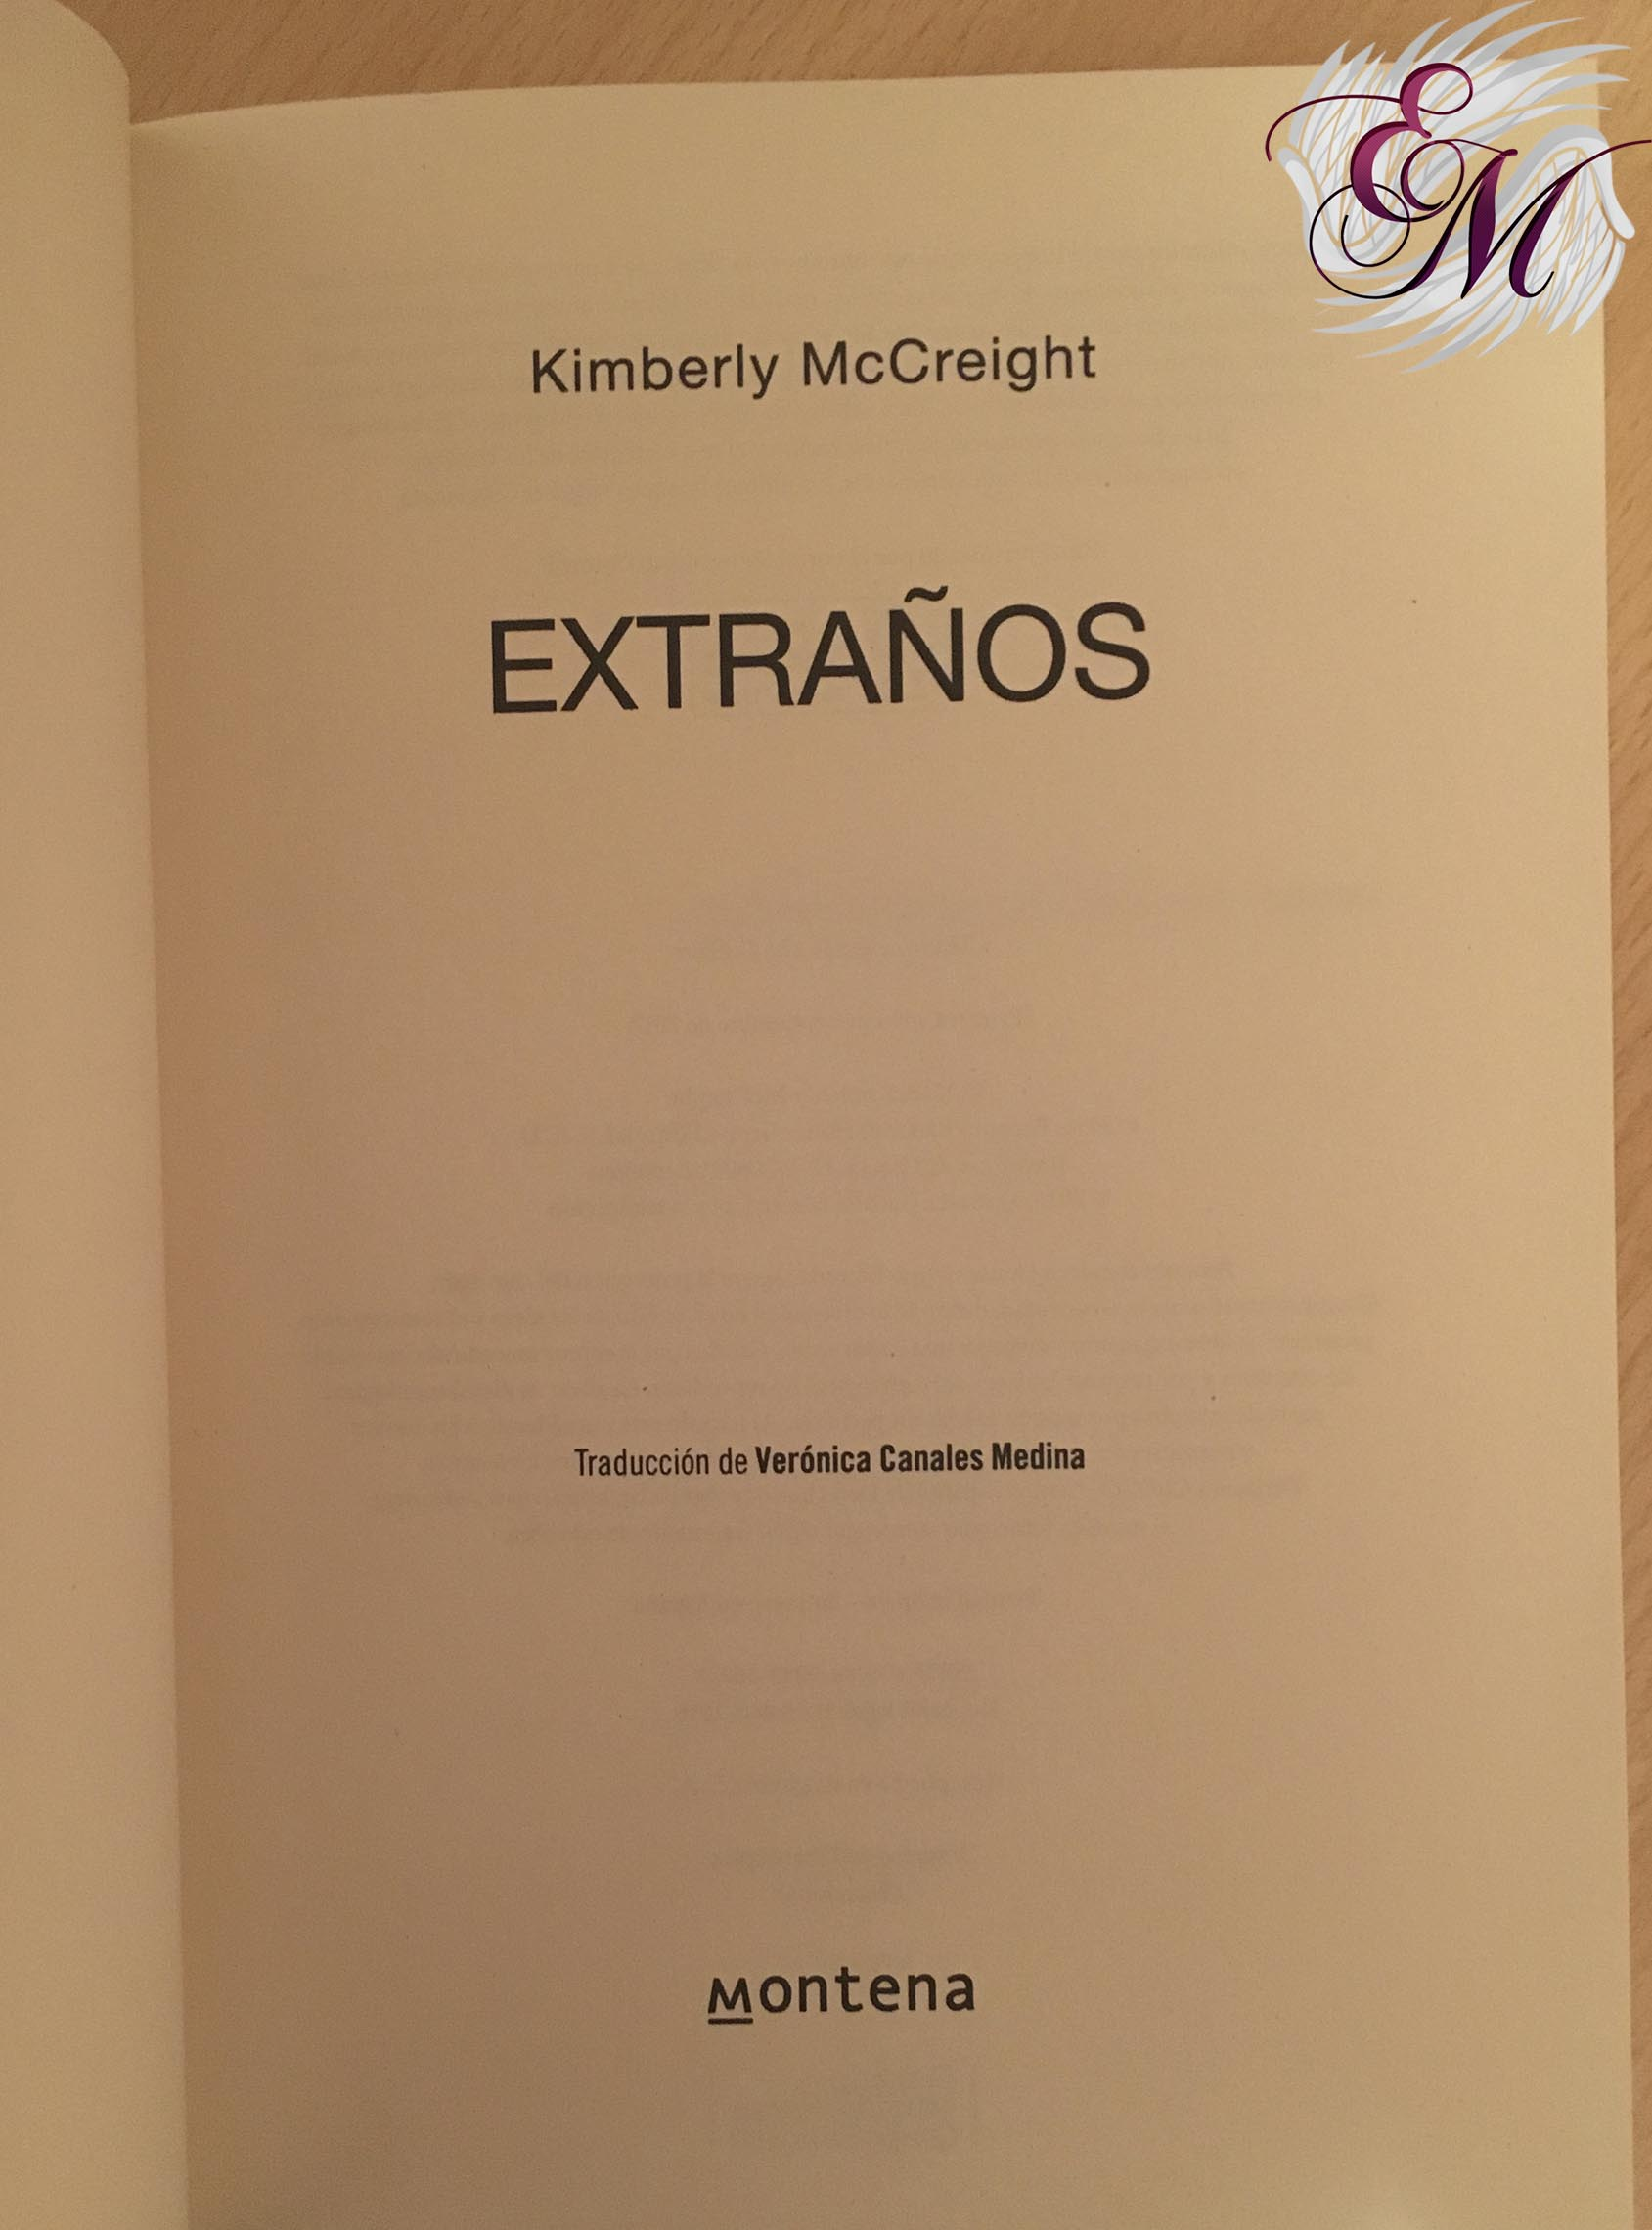 Extraños, de Kimberly Mccreigh - Reseña